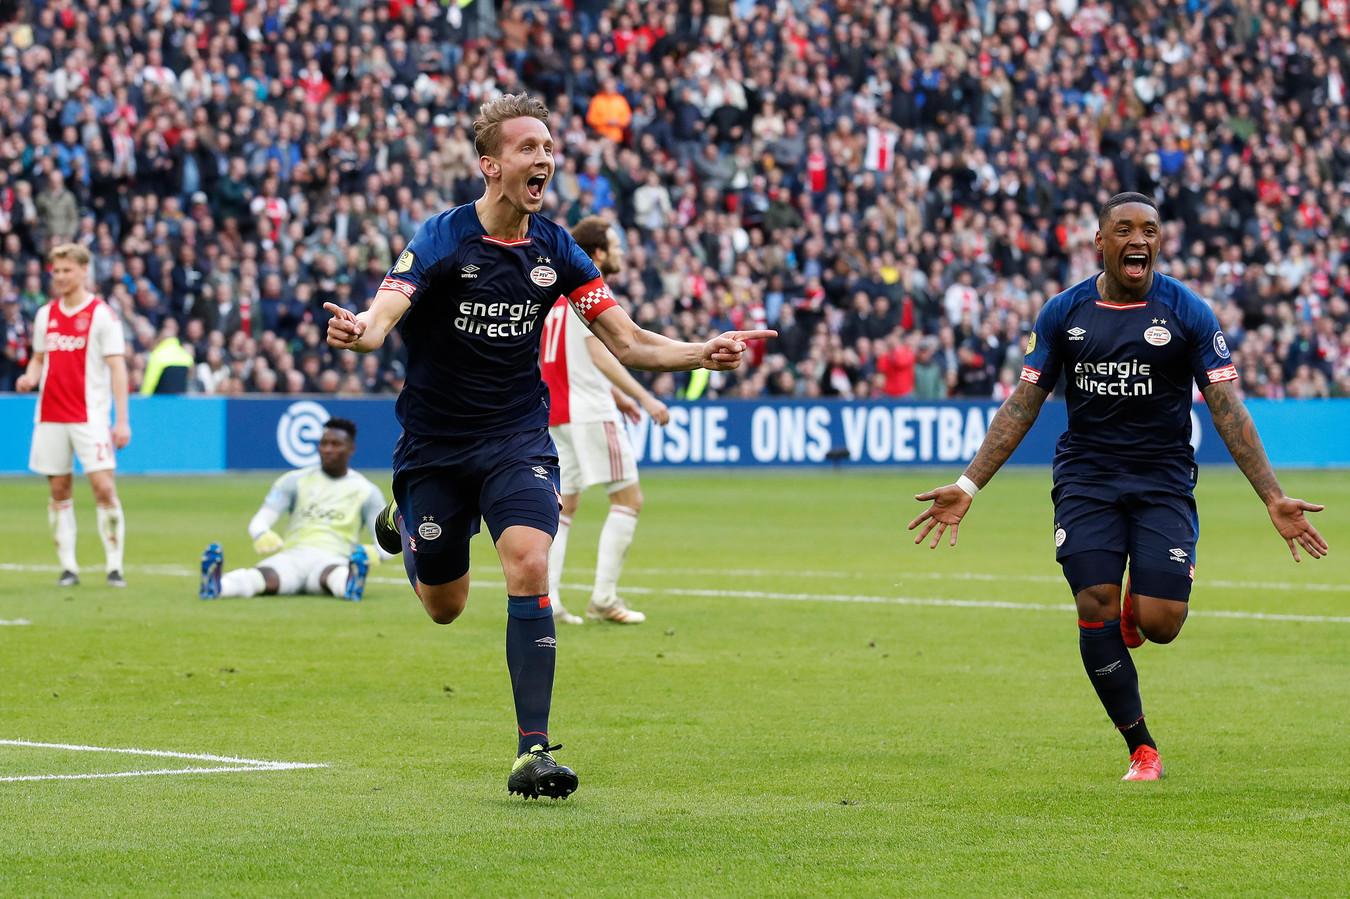 Luuk de Jong en Steven Bergwijn, binnenkort een aanvalsduo bij Sevilla?